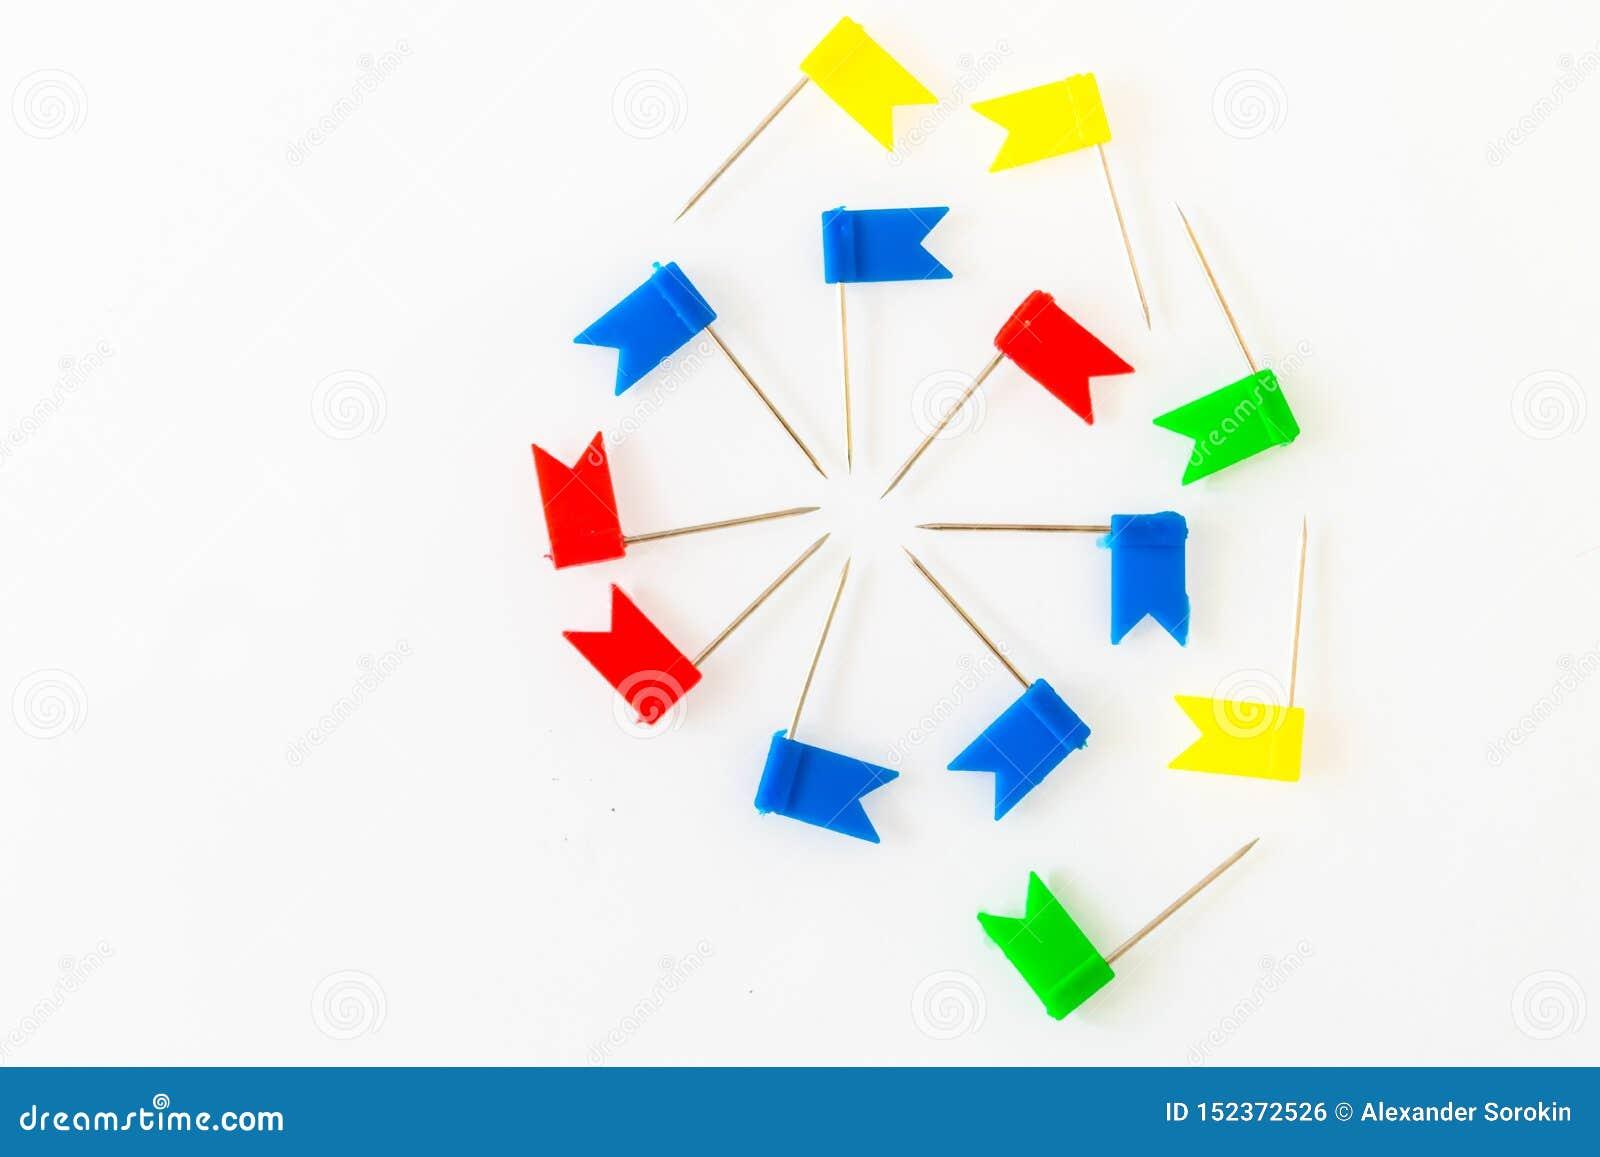 Materiały flagi i papierowe klamerki na białym tle -